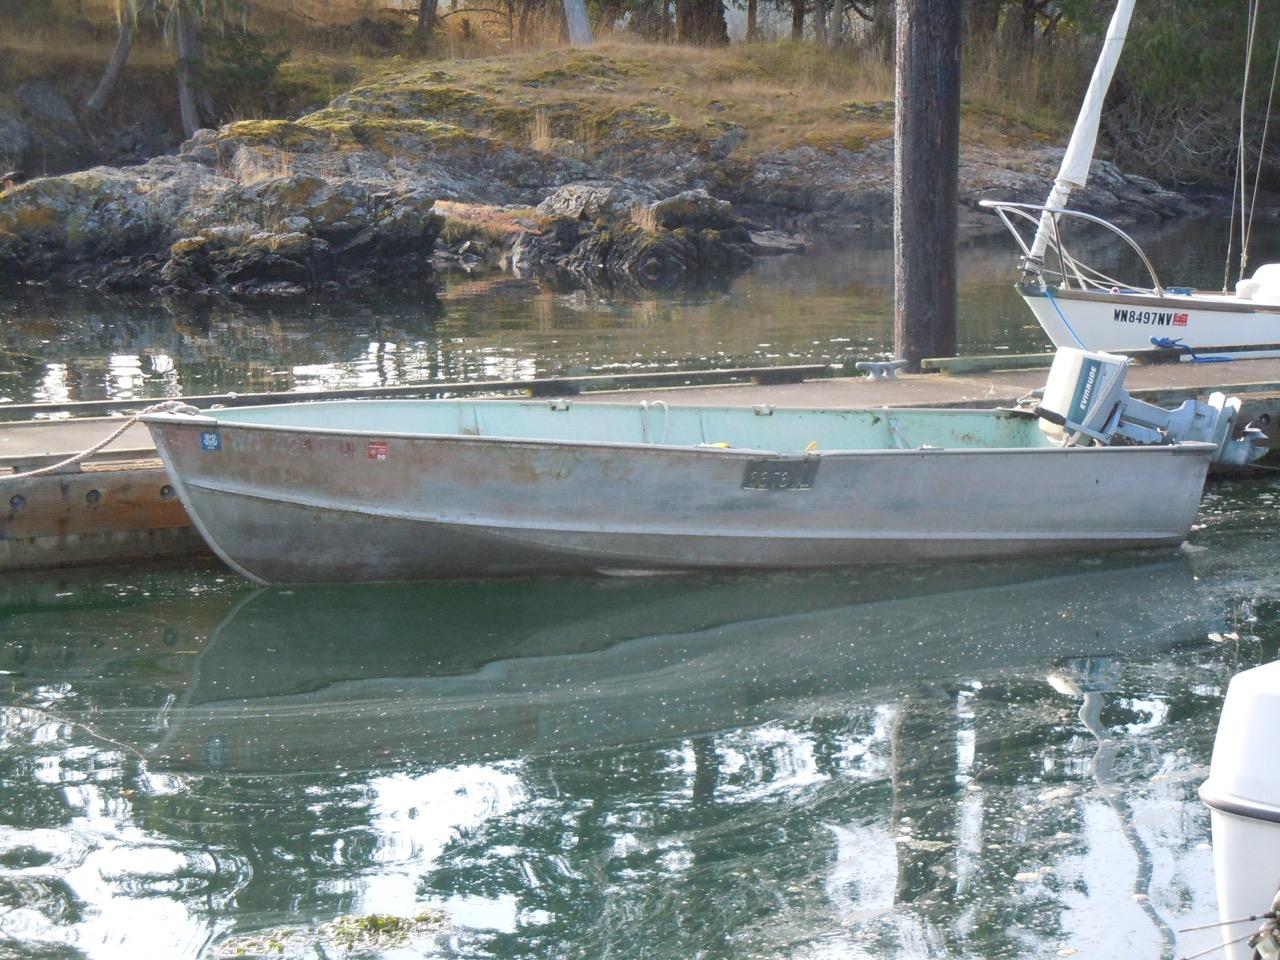 The Picnic boat: scavenged, damaged aluminum rowboat